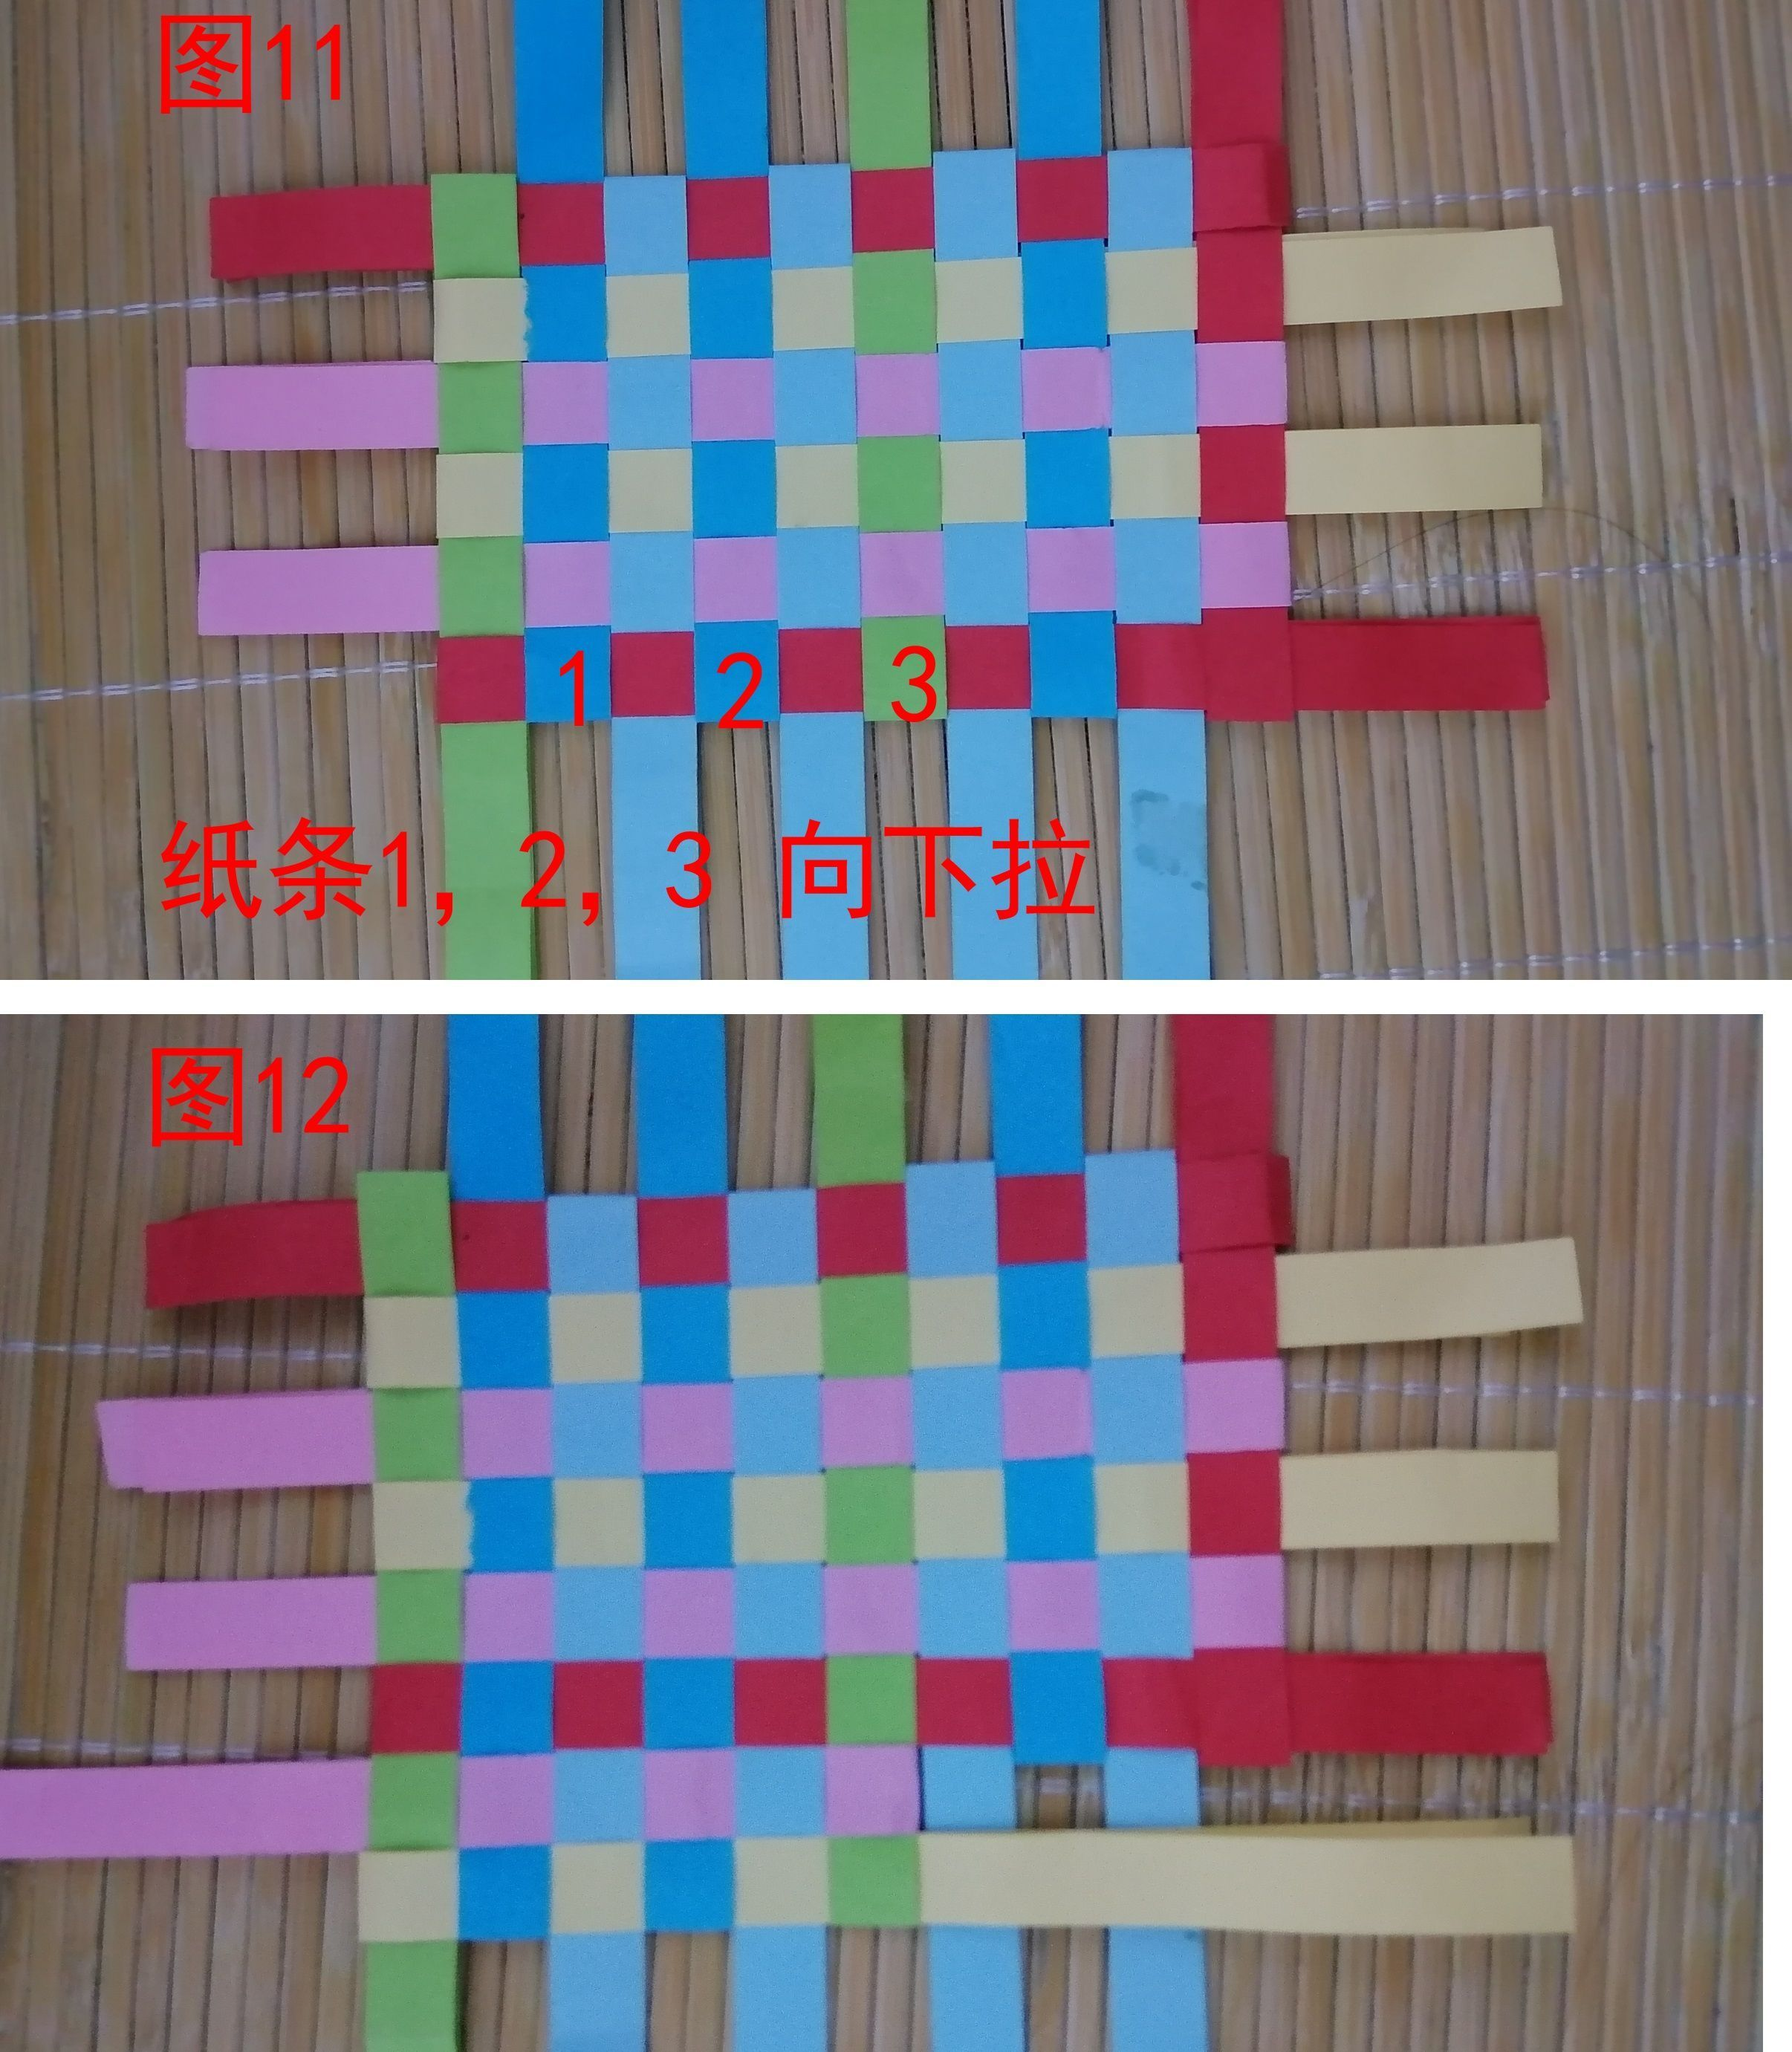 中国结论坛 爱心形状的中国结2(利用纸条编的) 四绳怎么编爱心,心形中国结制作教程,爱心中国结的编法图解,我爱你组成的爱心形状,四根绳子编爱心 基本结-新手入门必看 000708mt73gu2lbdu5ei8o